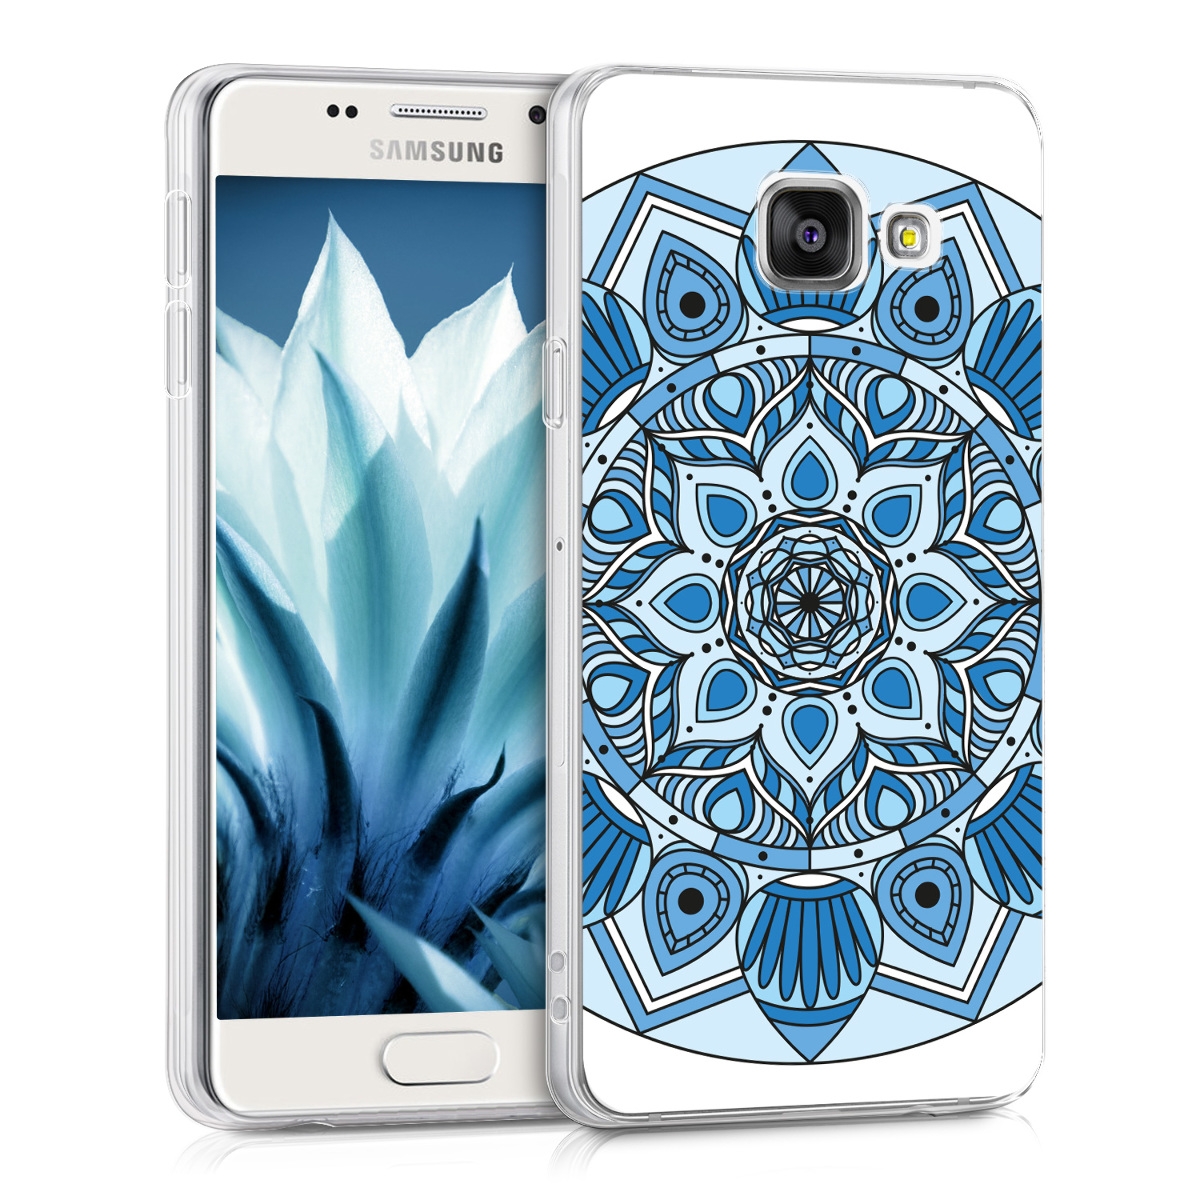 Kvalitní silikonové TPU pouzdro pro Samsung A3 (2016) - Mandala květ modré / světle  modré / bílé